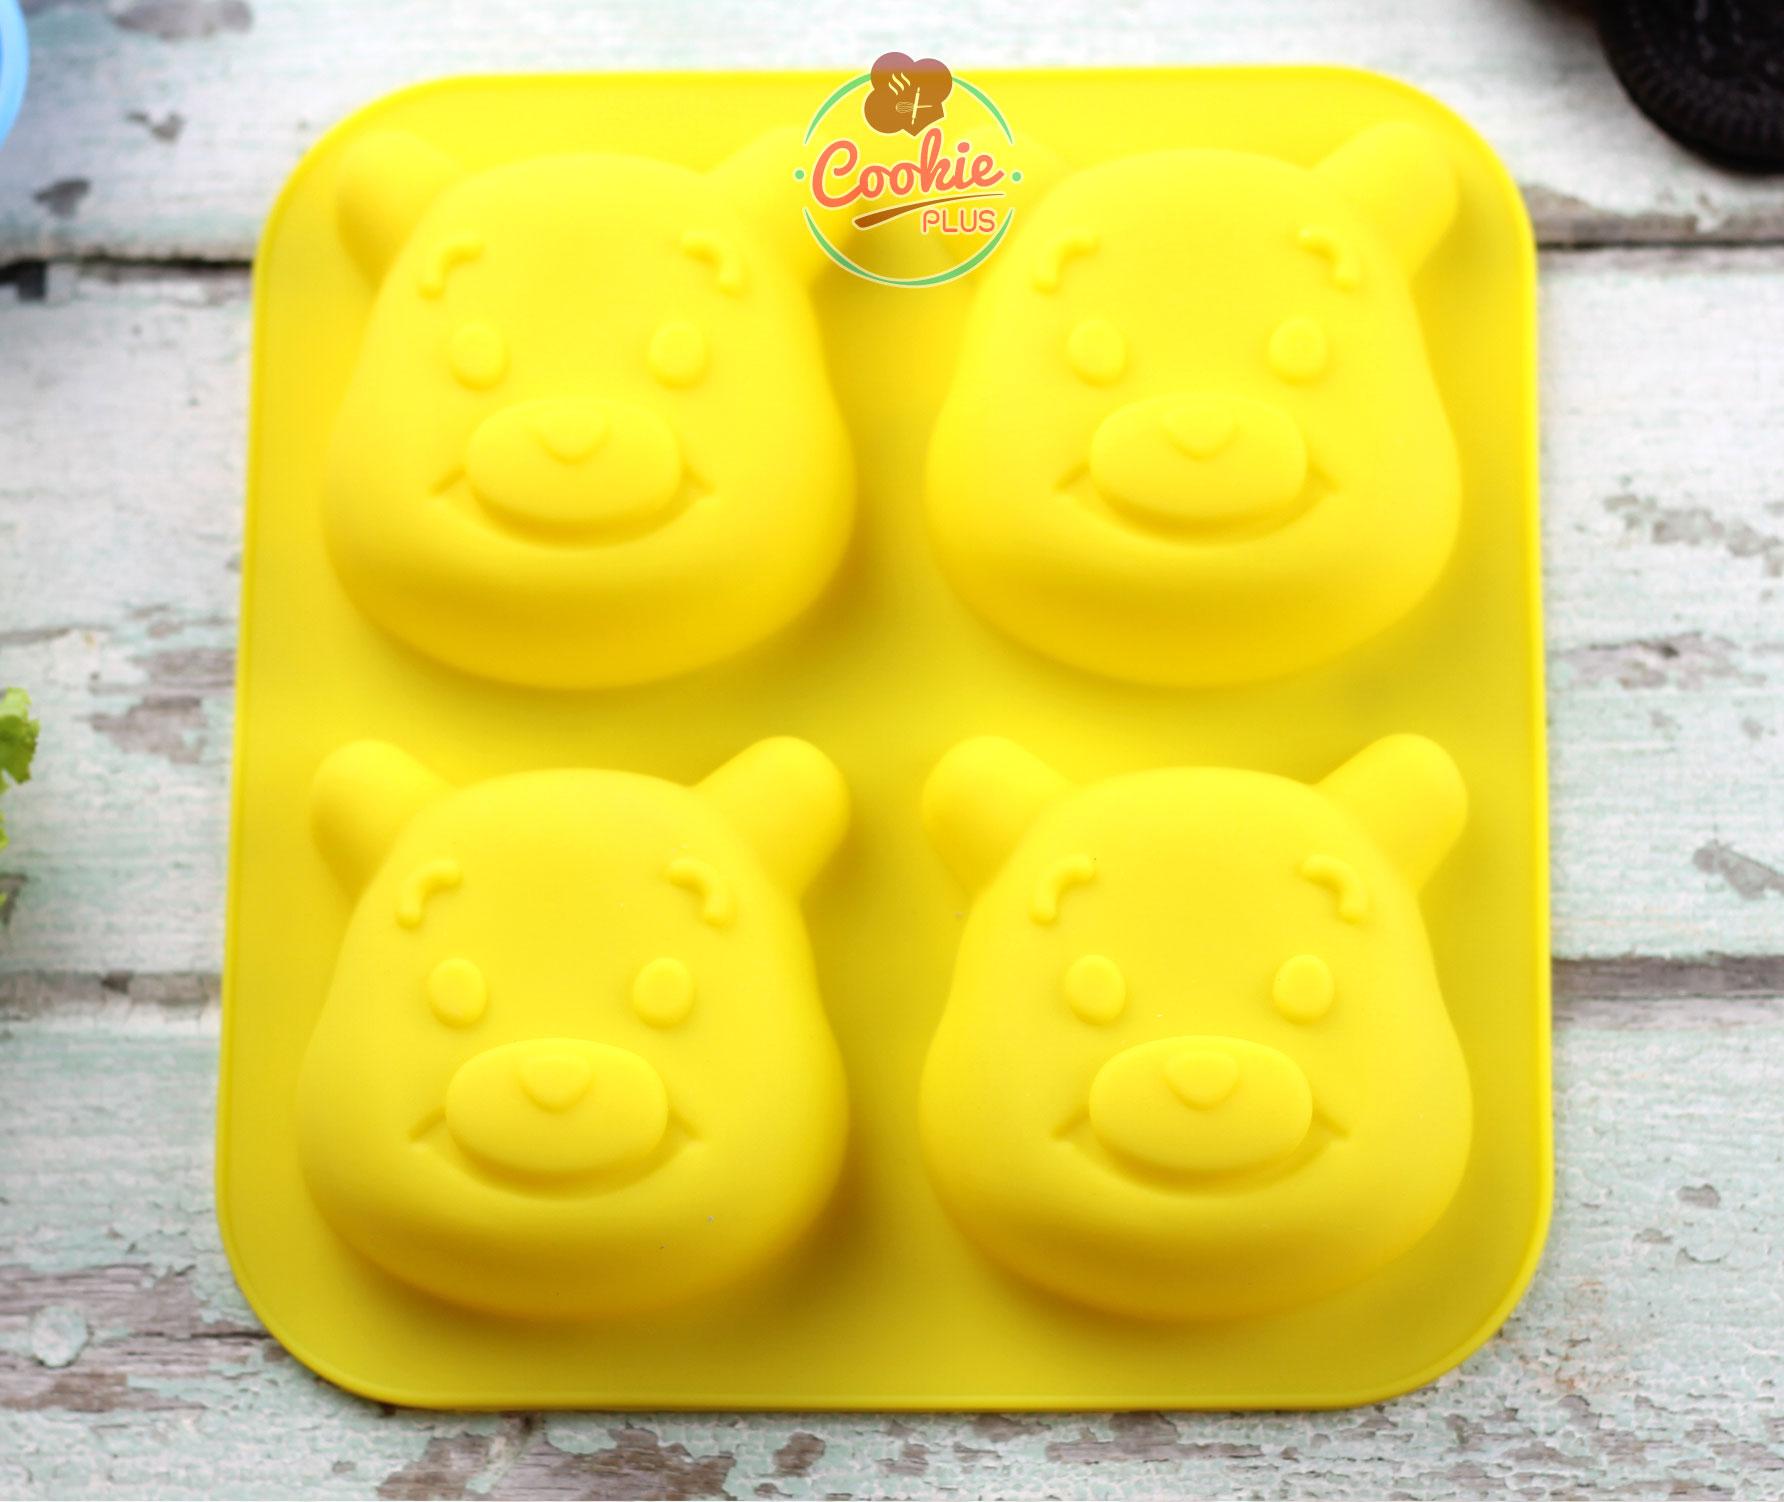 แม่พิมพ์ซิลิโคน พิมพ์วุ้น สำหรับทำขนม หมีพูห์ winnie the pooh